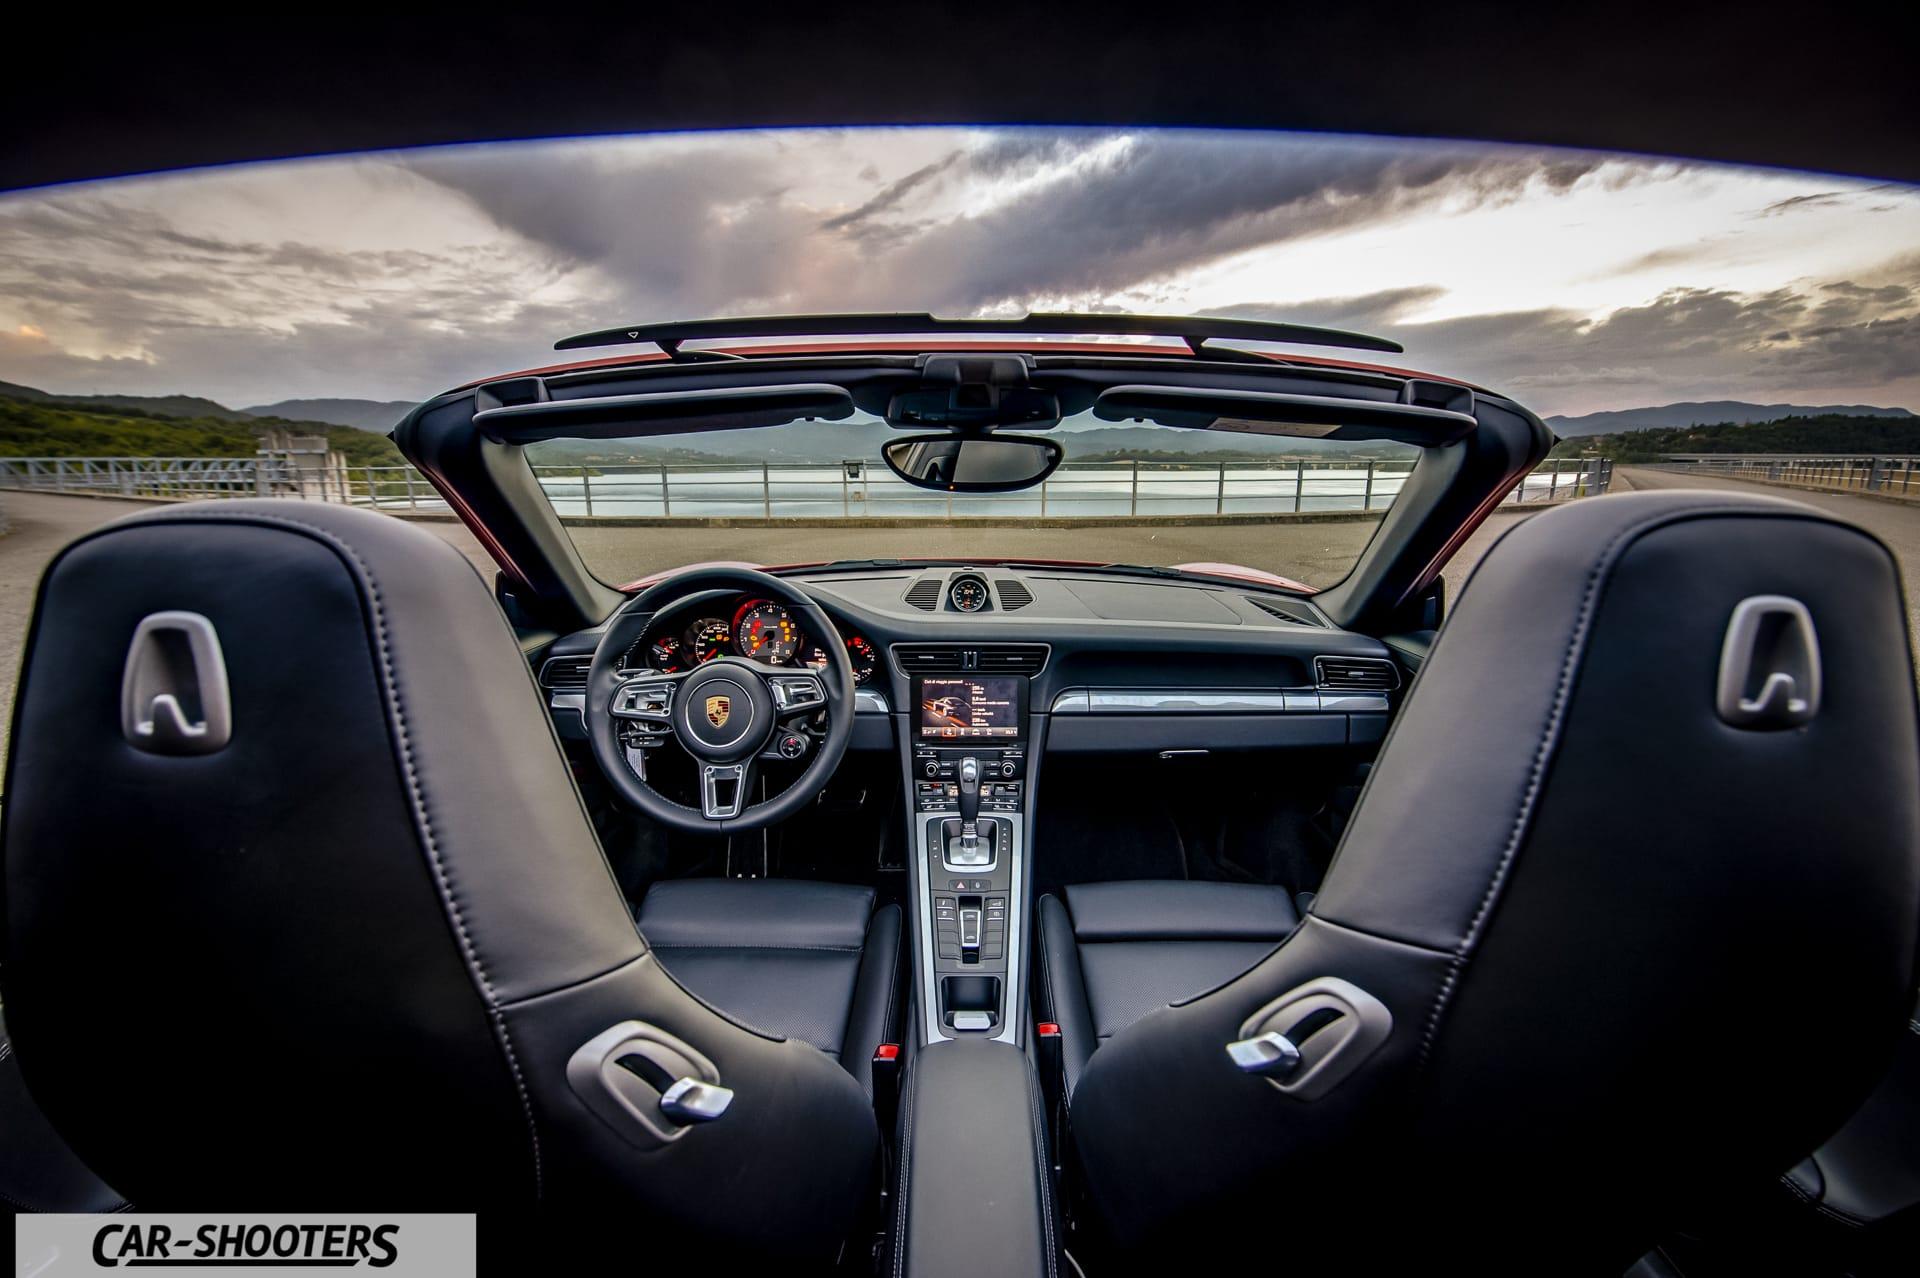 Porsche 911 Targa 4s The Everyday Supercar Car Shooters